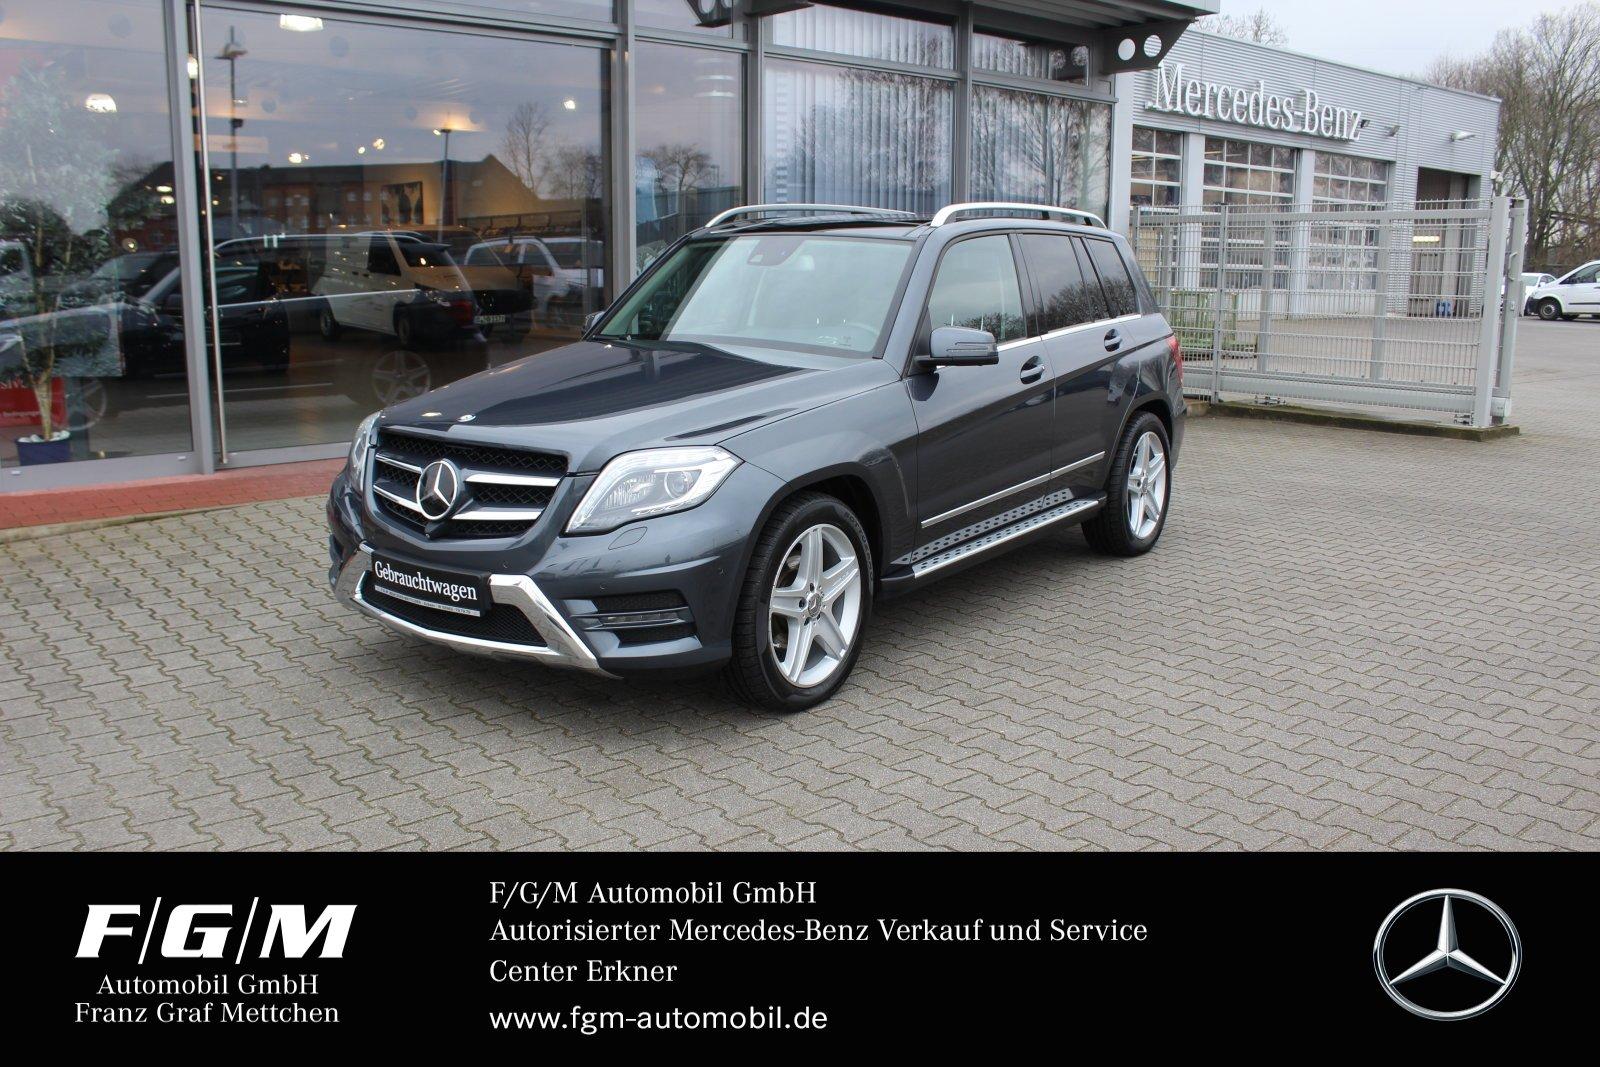 Mercedes-Benz GLK 350 CDI AMG/COM/ILS/360°/Pano/AHK/H&K/Distr., Jahr 2014, Diesel